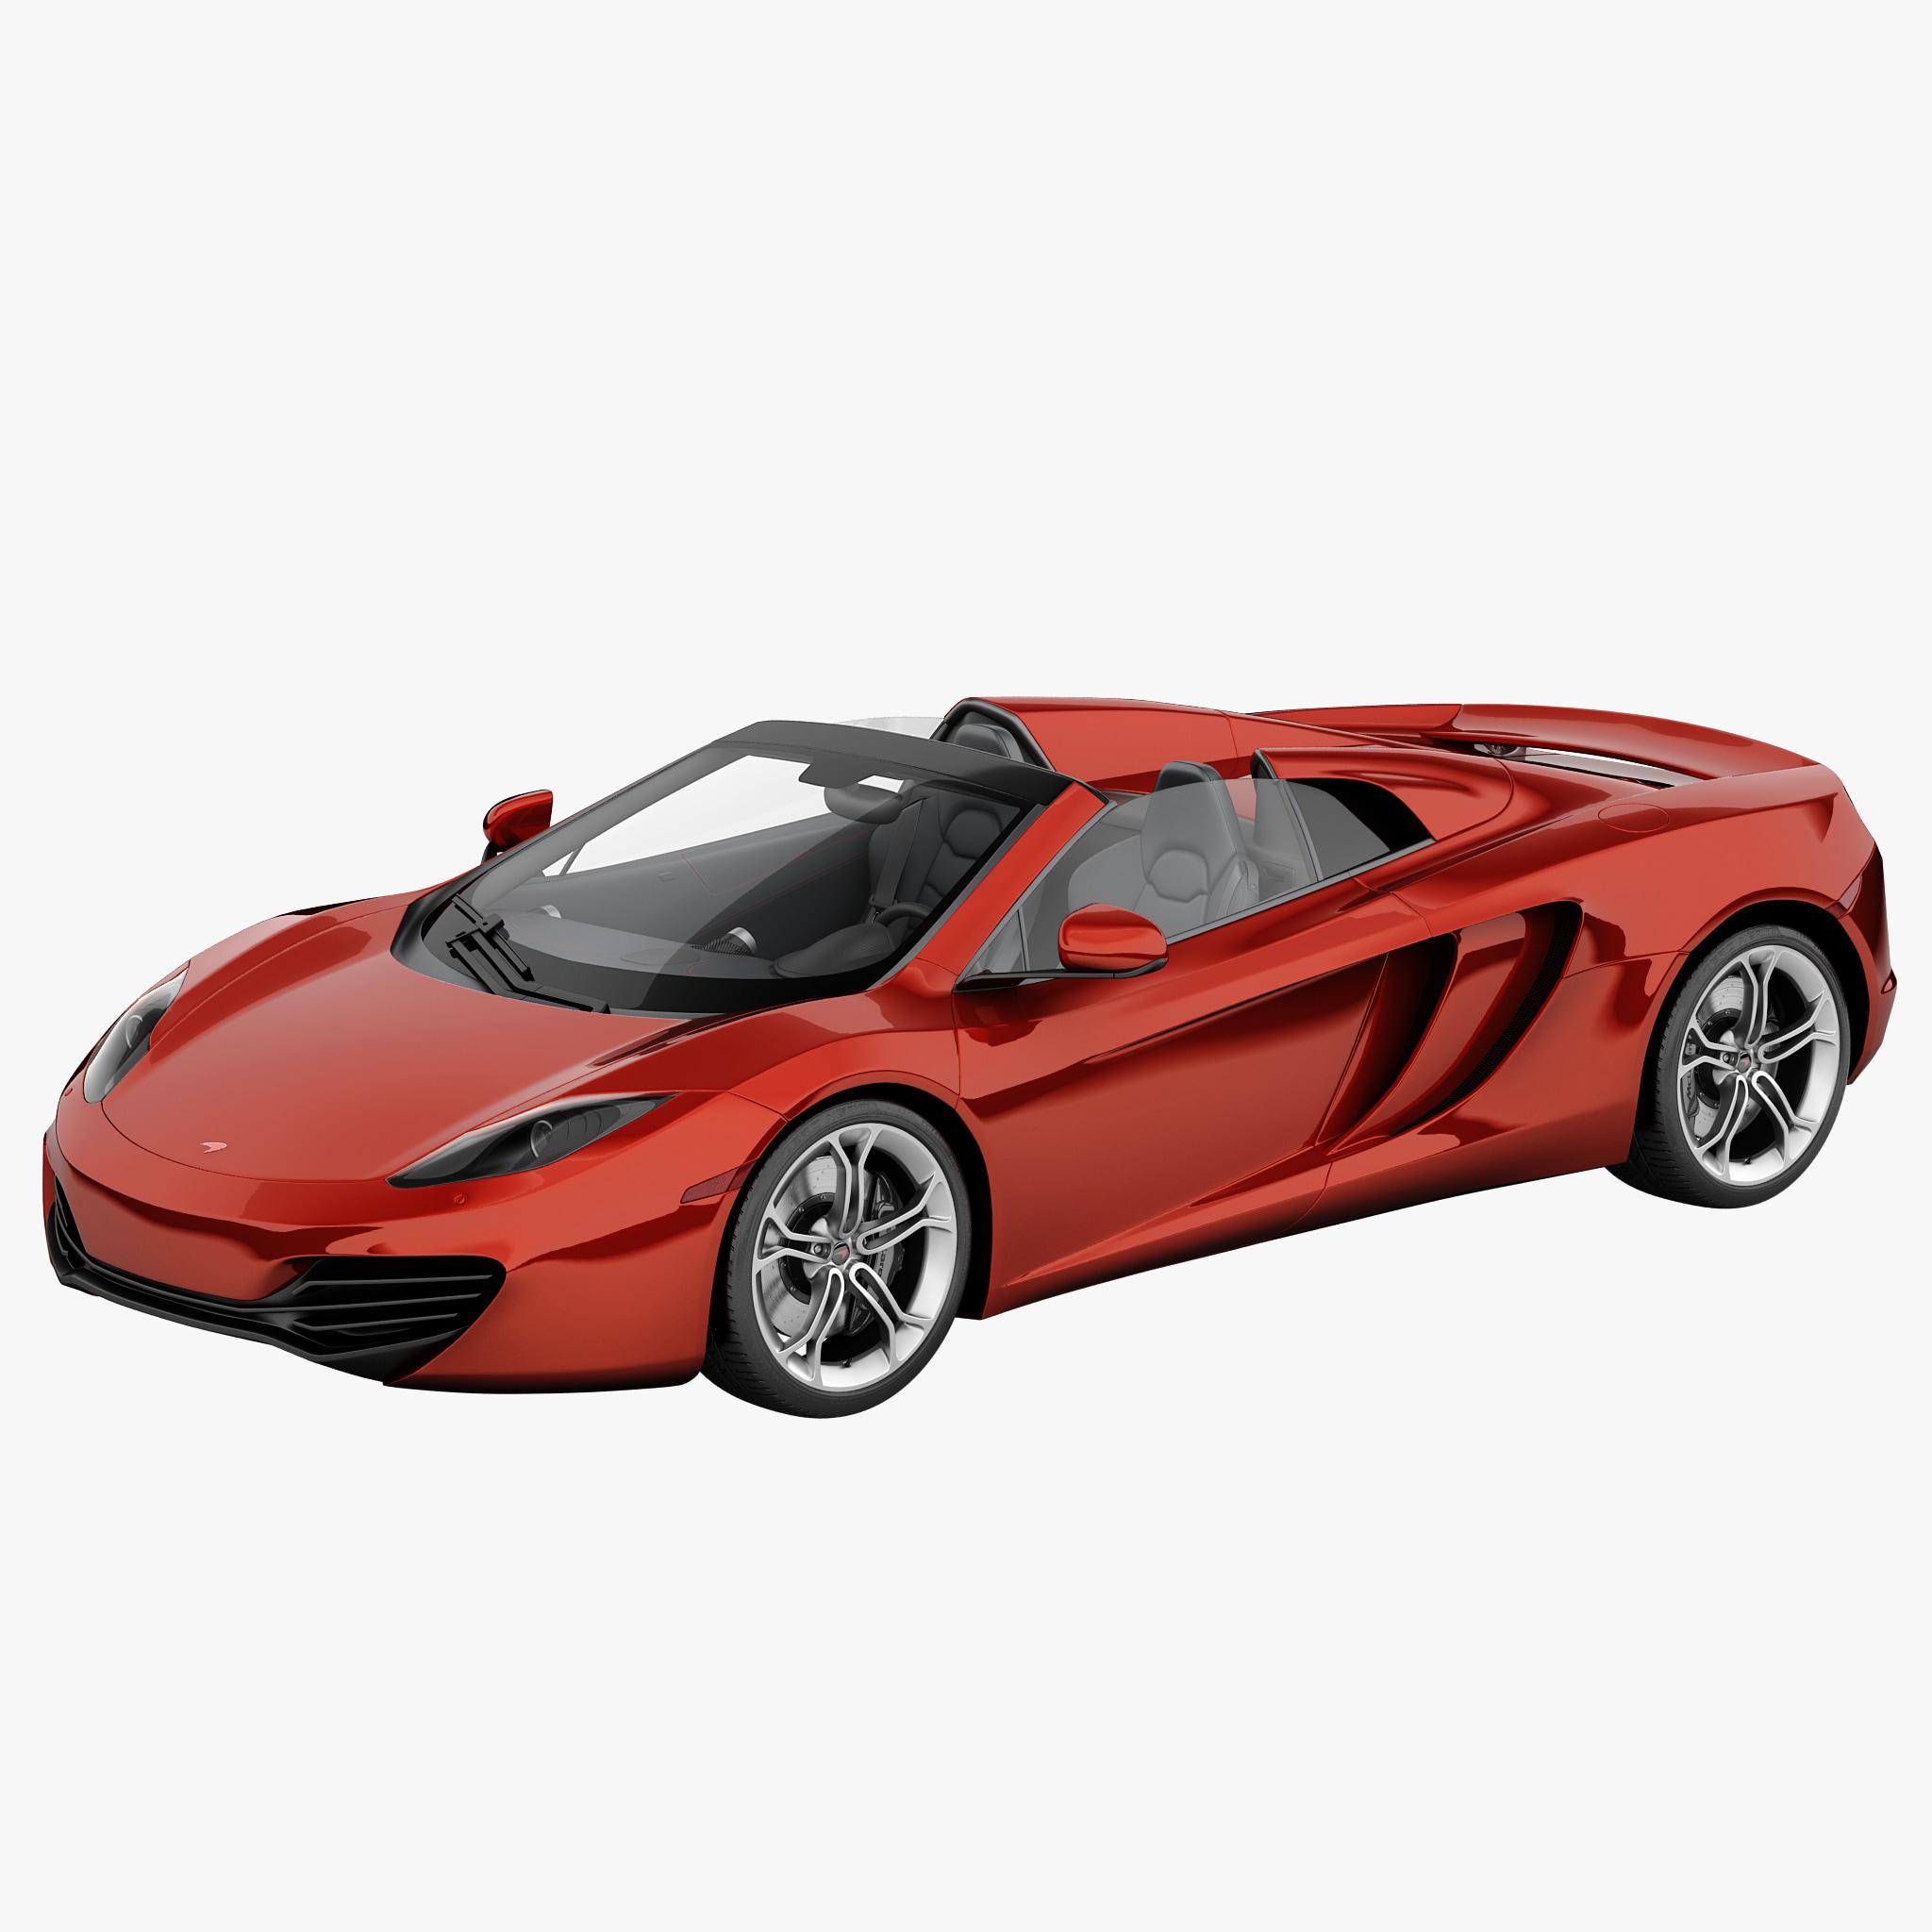 3d model of mclaren mp4-12c convertible 2013